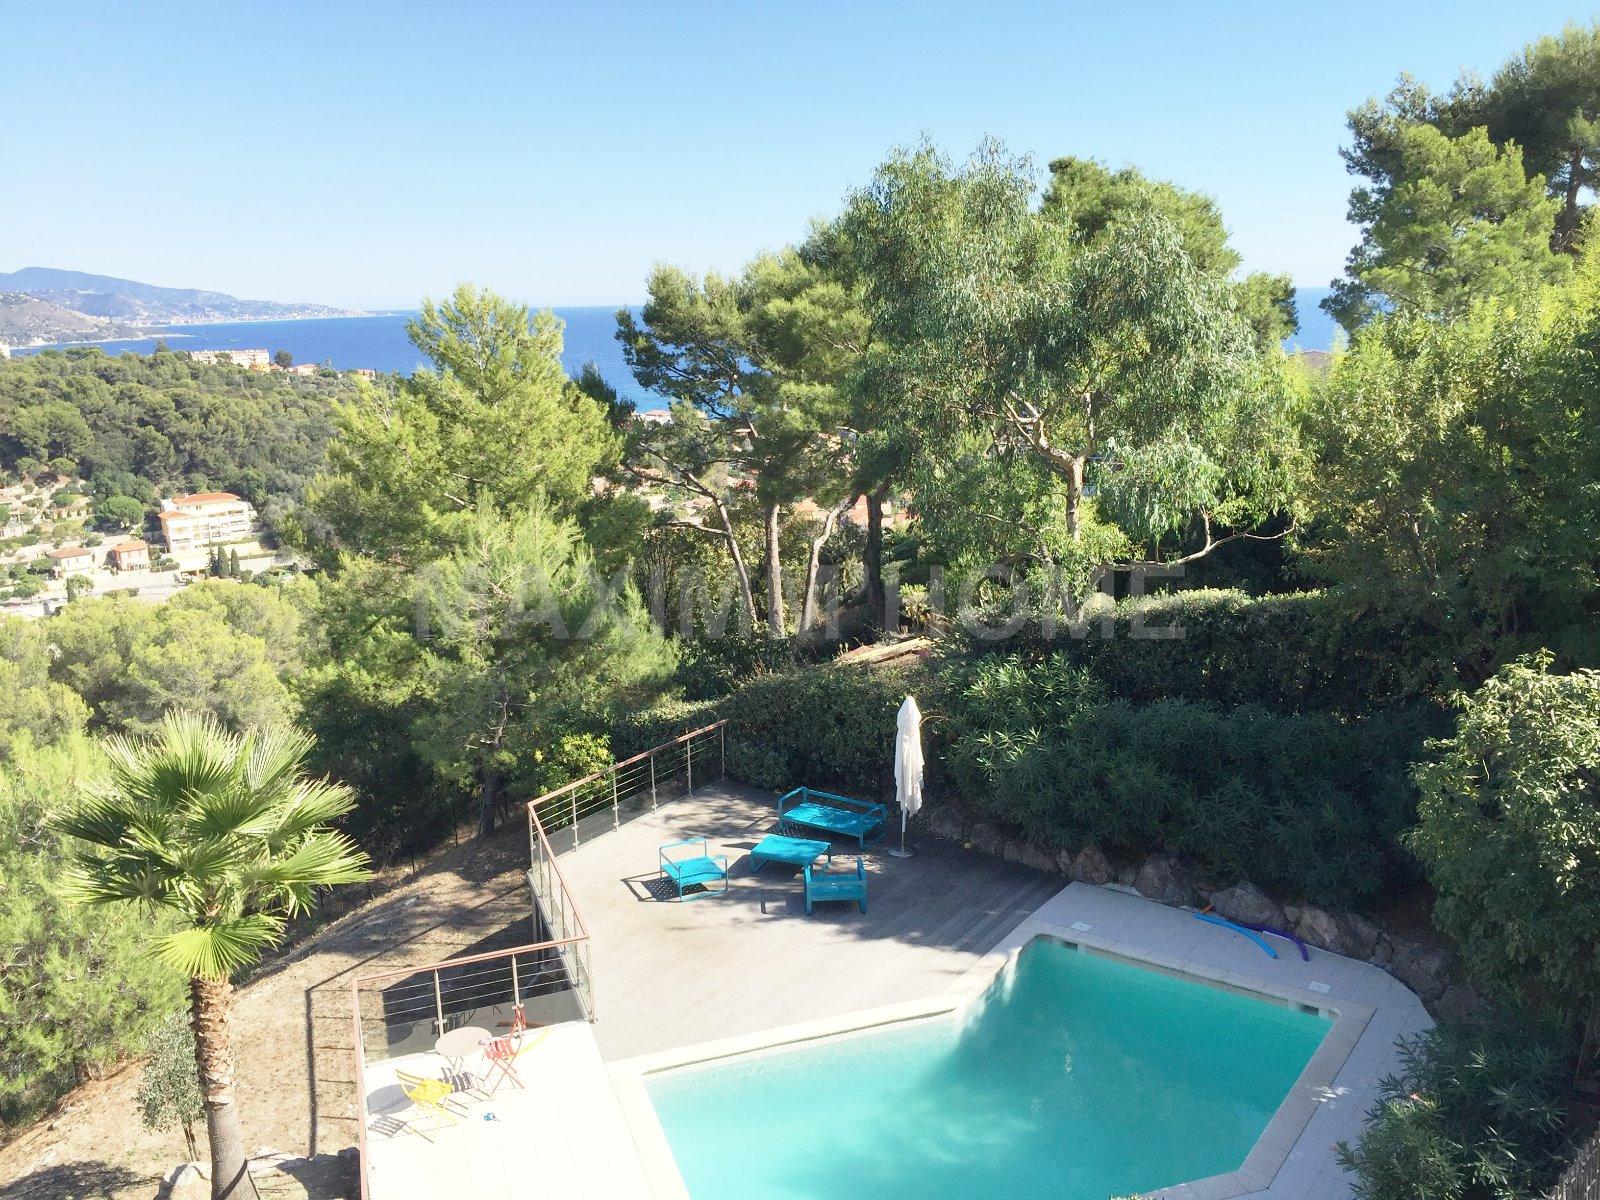 Vente roquebrune cap martin proche monaco villa for Azureva roquebrune cap martin piscine